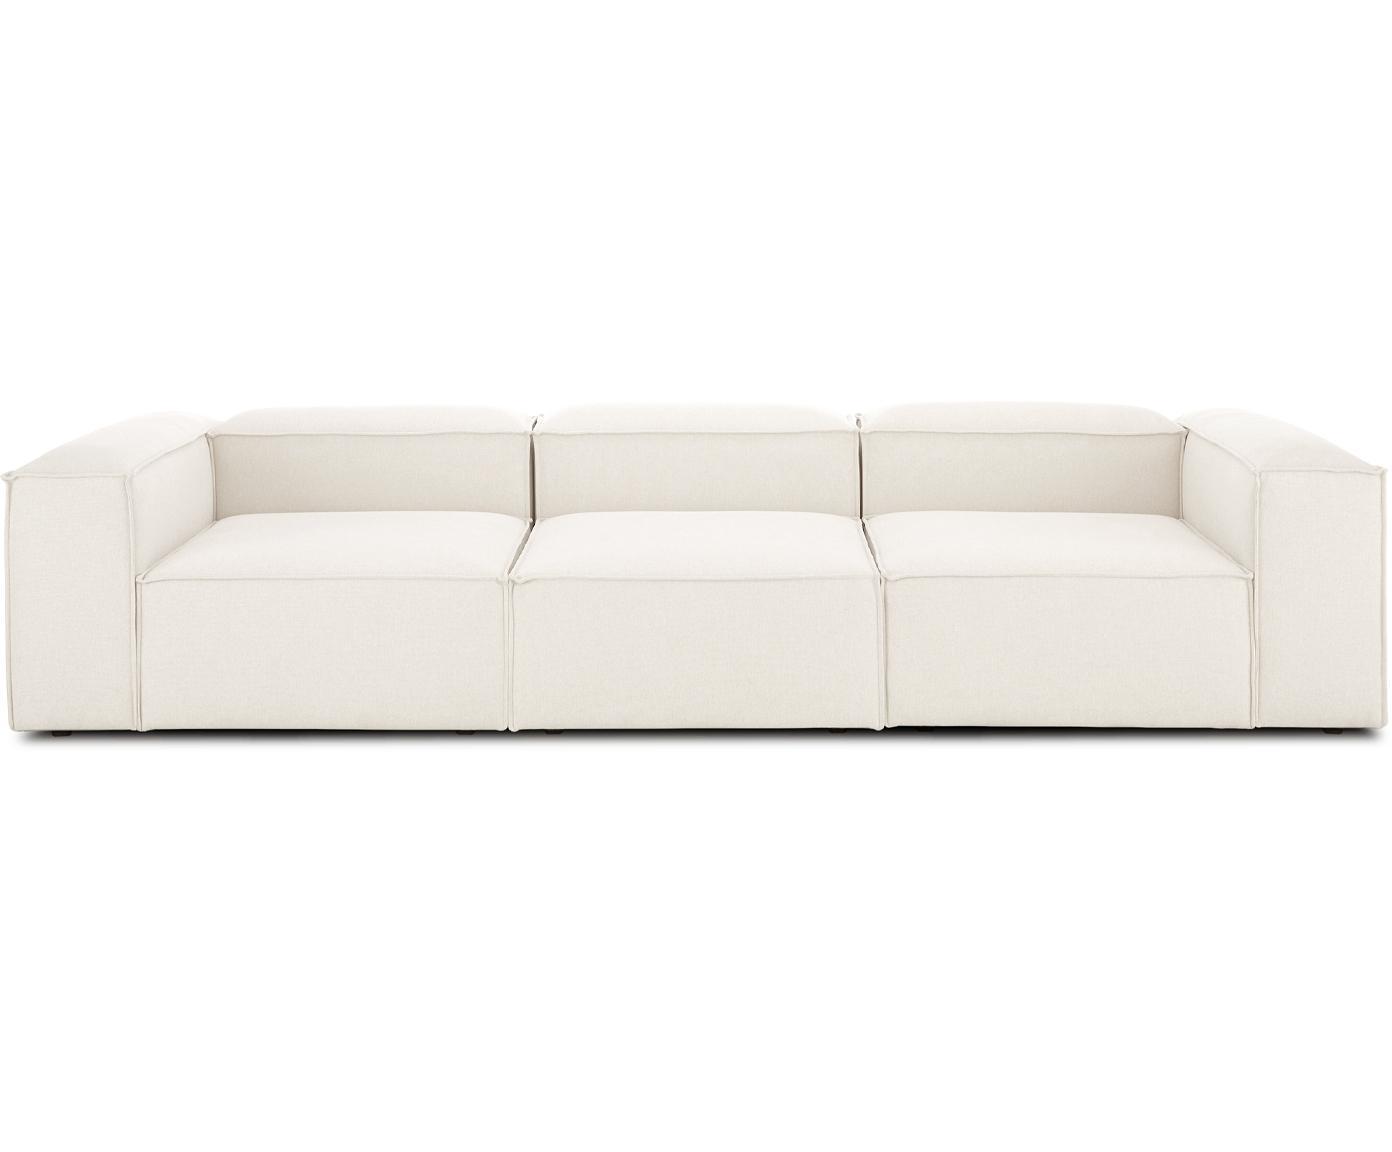 Sofa modułowa Lennon (4-osobowa), Tapicerka: poliester 35 000 cykli w , Stelaż: lite drewno sosnowe, skle, Nogi: tworzywo sztuczne, Beżowy, S 326 x G 119 cm